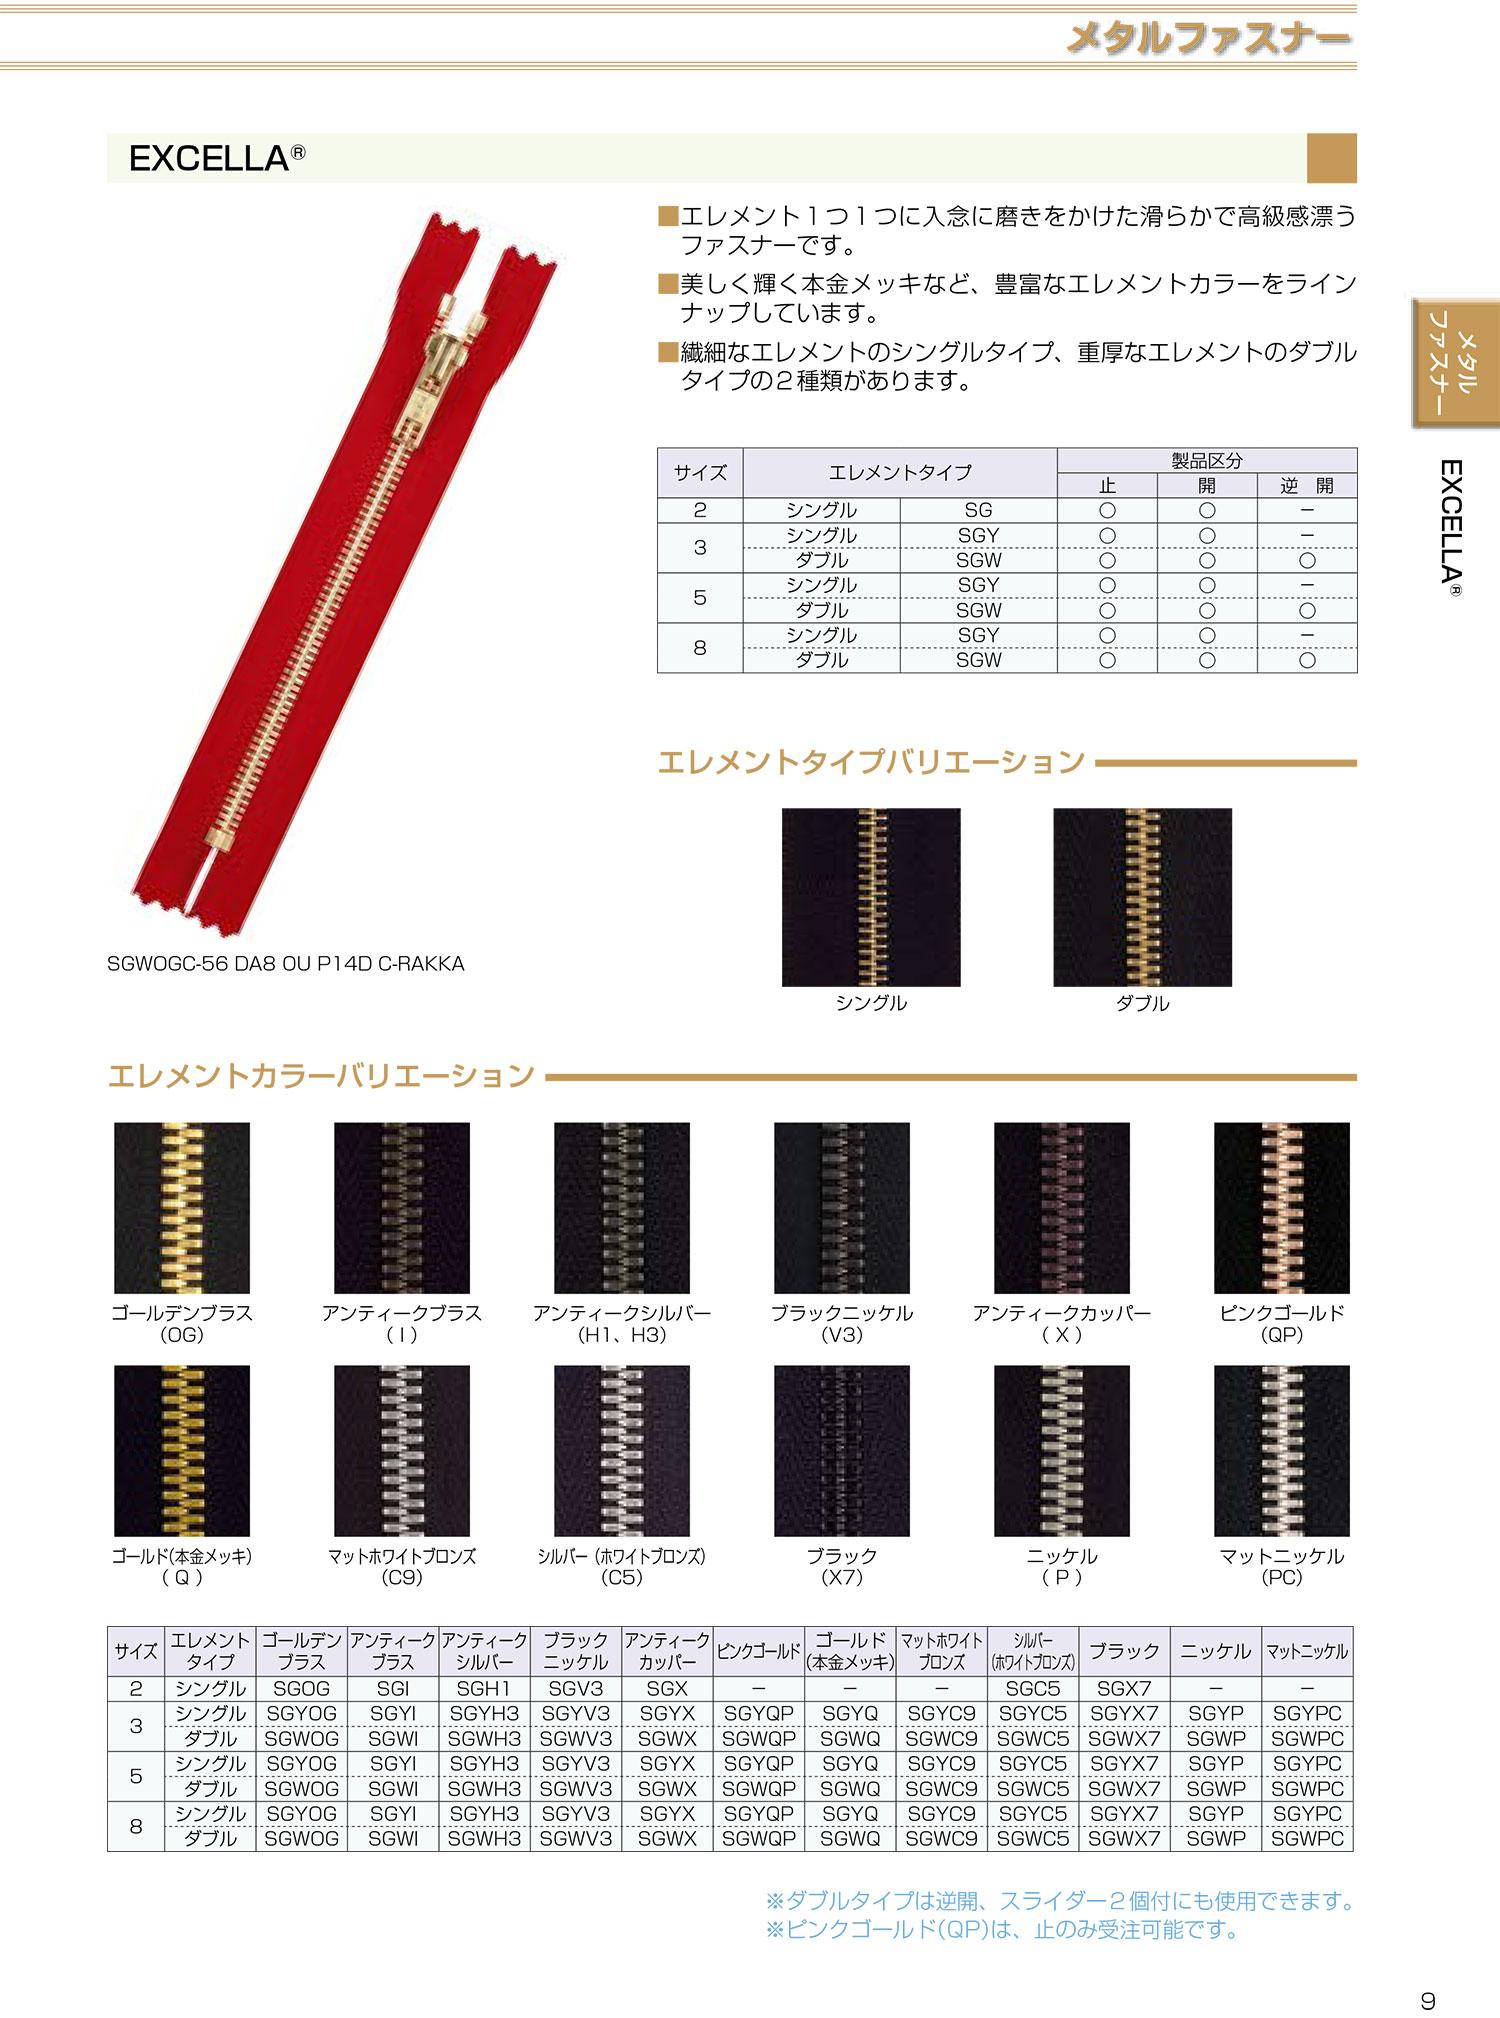 8SGYC5C エクセラ 8サイズ シルバー(ホワイトブロンズ) 止め シングル[ファスナー] YKK/オークラ商事 - ApparelX アパレル資材卸通販